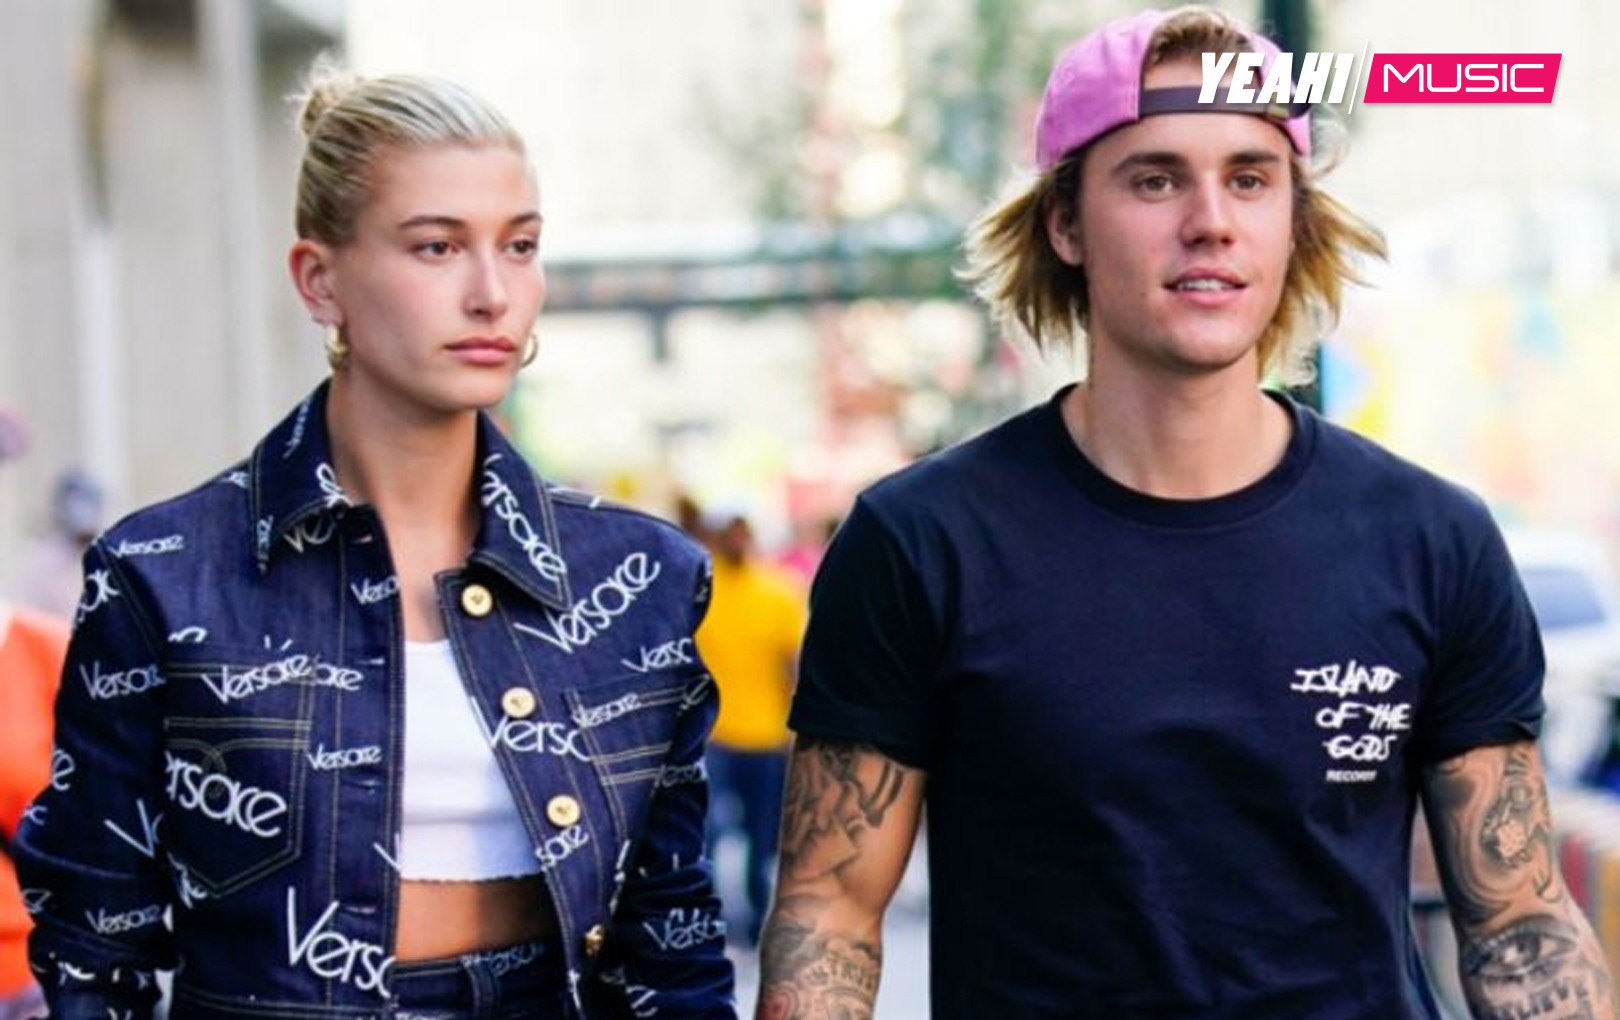 Có tin được không, Justin tìm đủ mọi cách để liên lạc với Selena và bị cô từ chối?